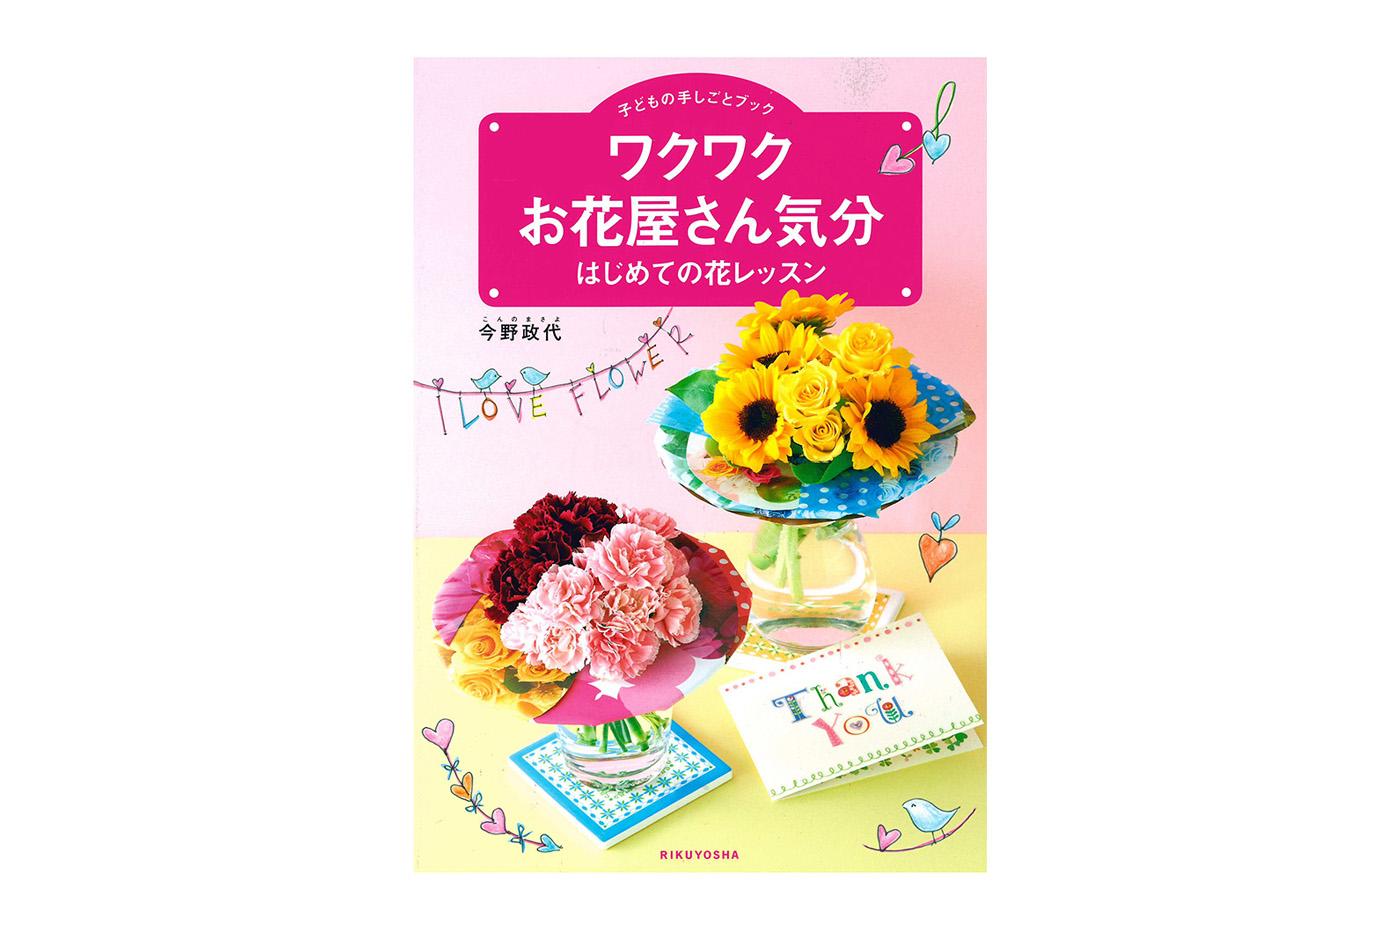 『ワクワクお花屋さん気分 はじめての花レッスン』書籍の表紙